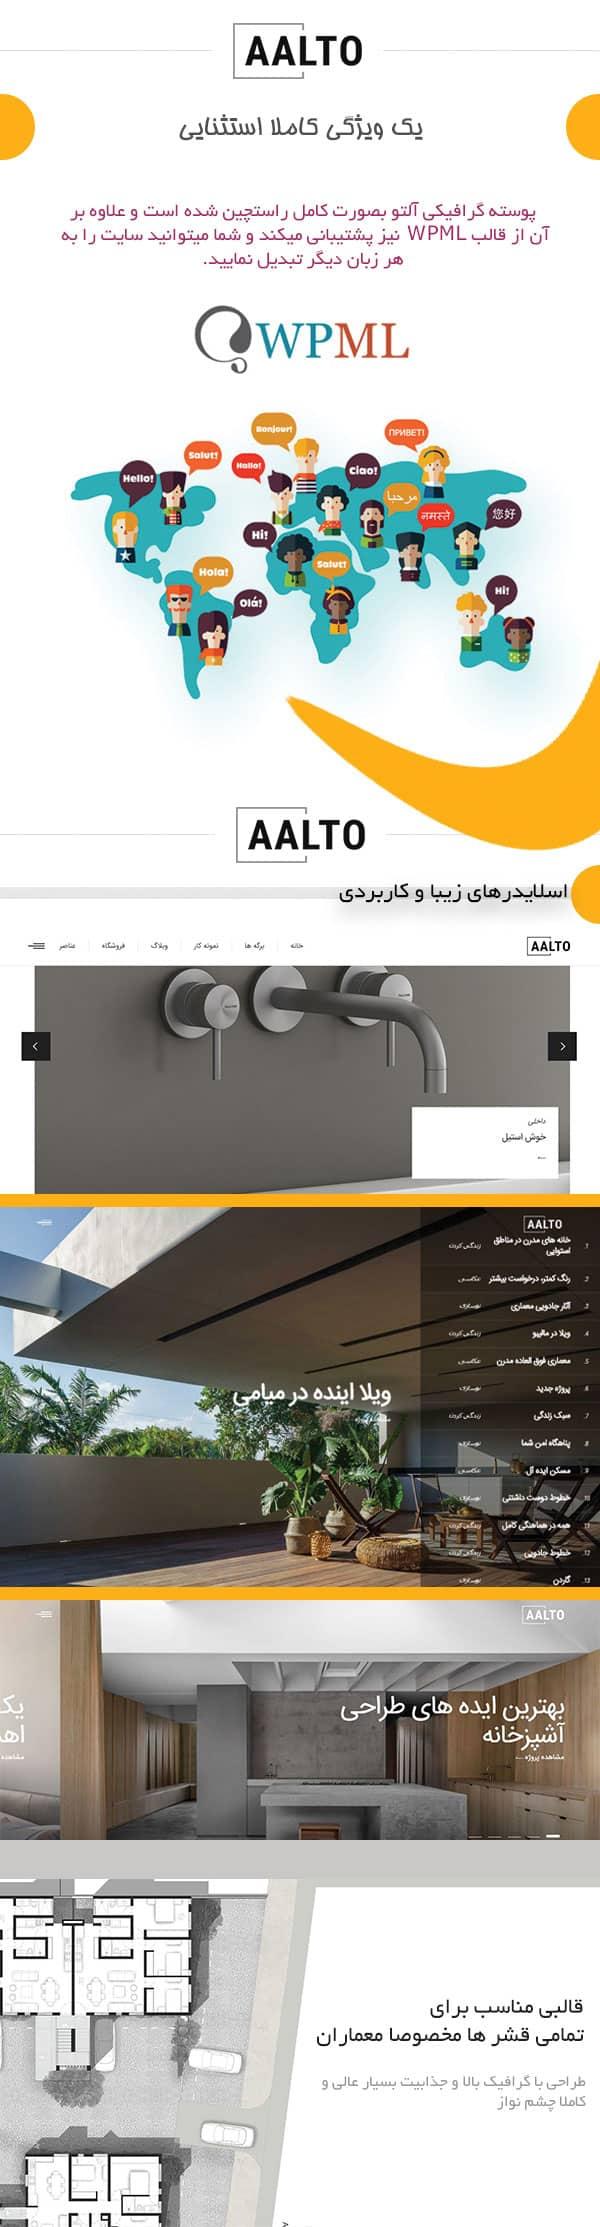 قالب ساخت و ساز وردپرس Aalto